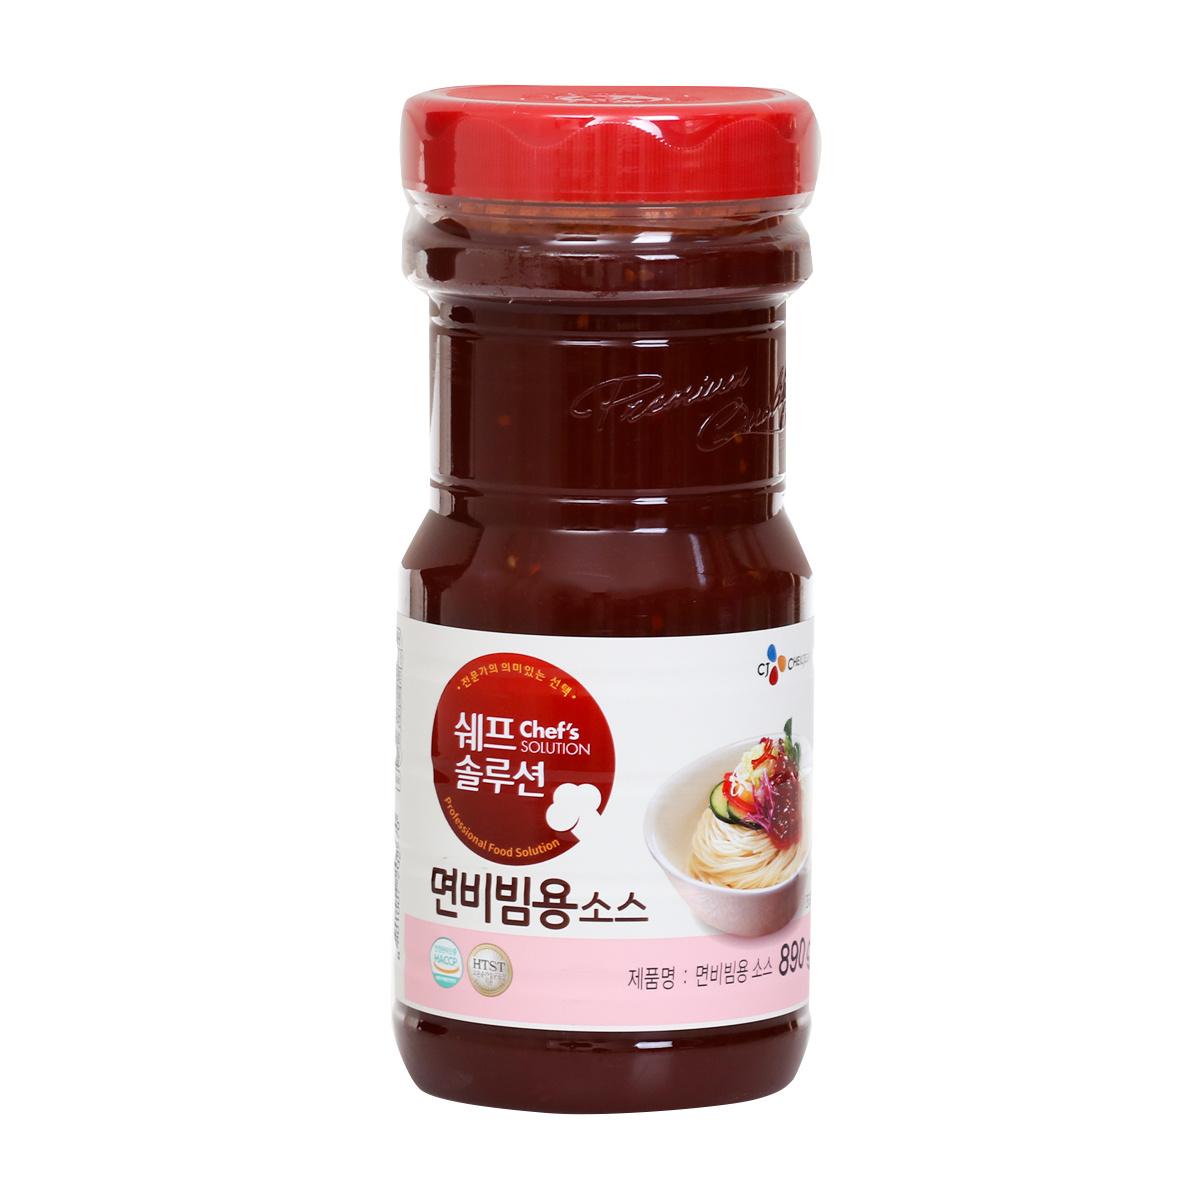 예이니종합물류 CJ 면비빔용 소스 2개(890g*2개)쫄면냉면국수요리양념장 즉석간편식품 비빔소스 국수장 조미료 양념, 890g, 2개